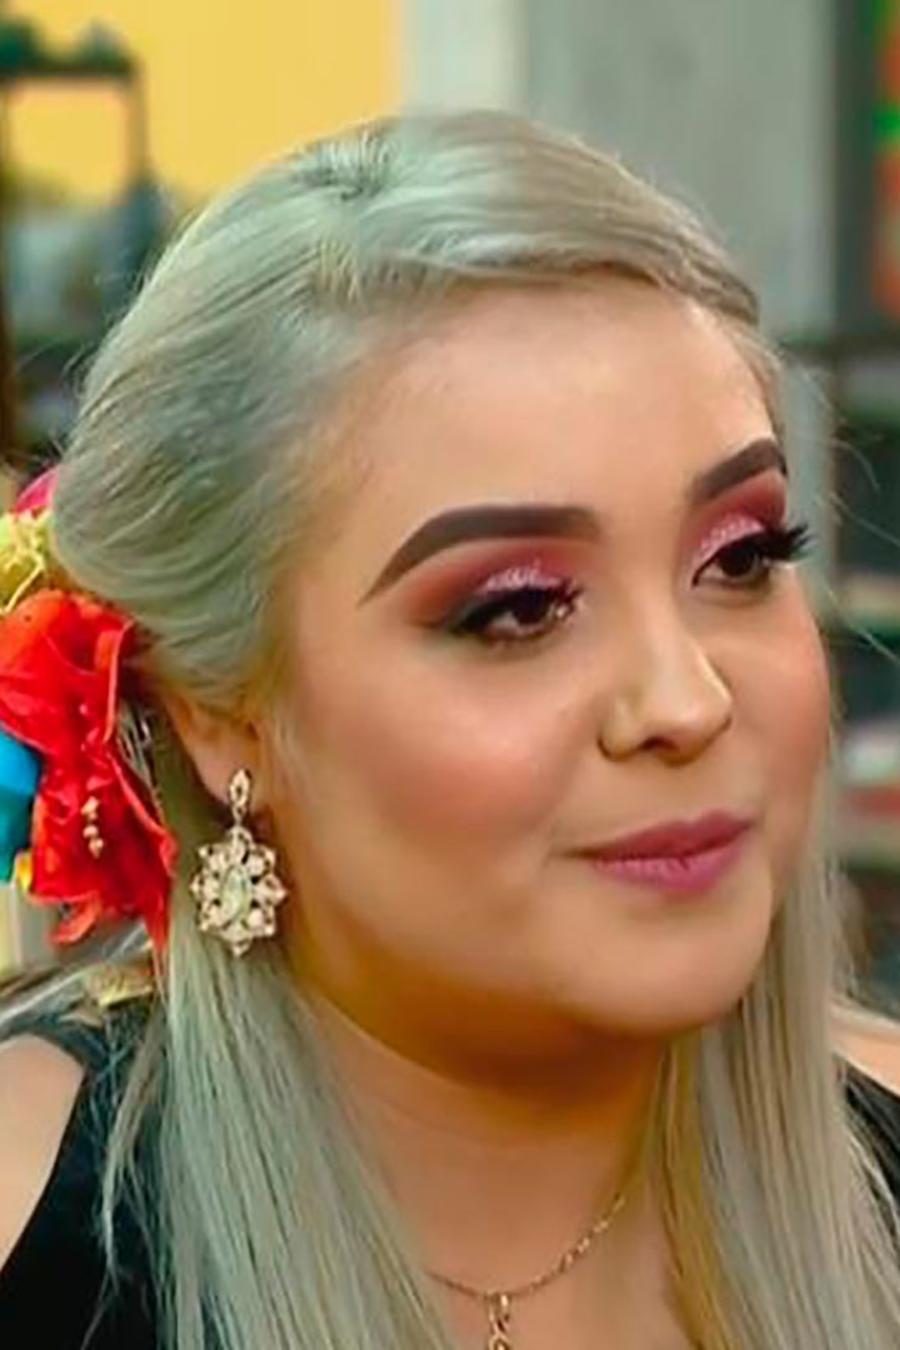 Una cantante mexicana vive con miedo por su estatus migratorio de DACA